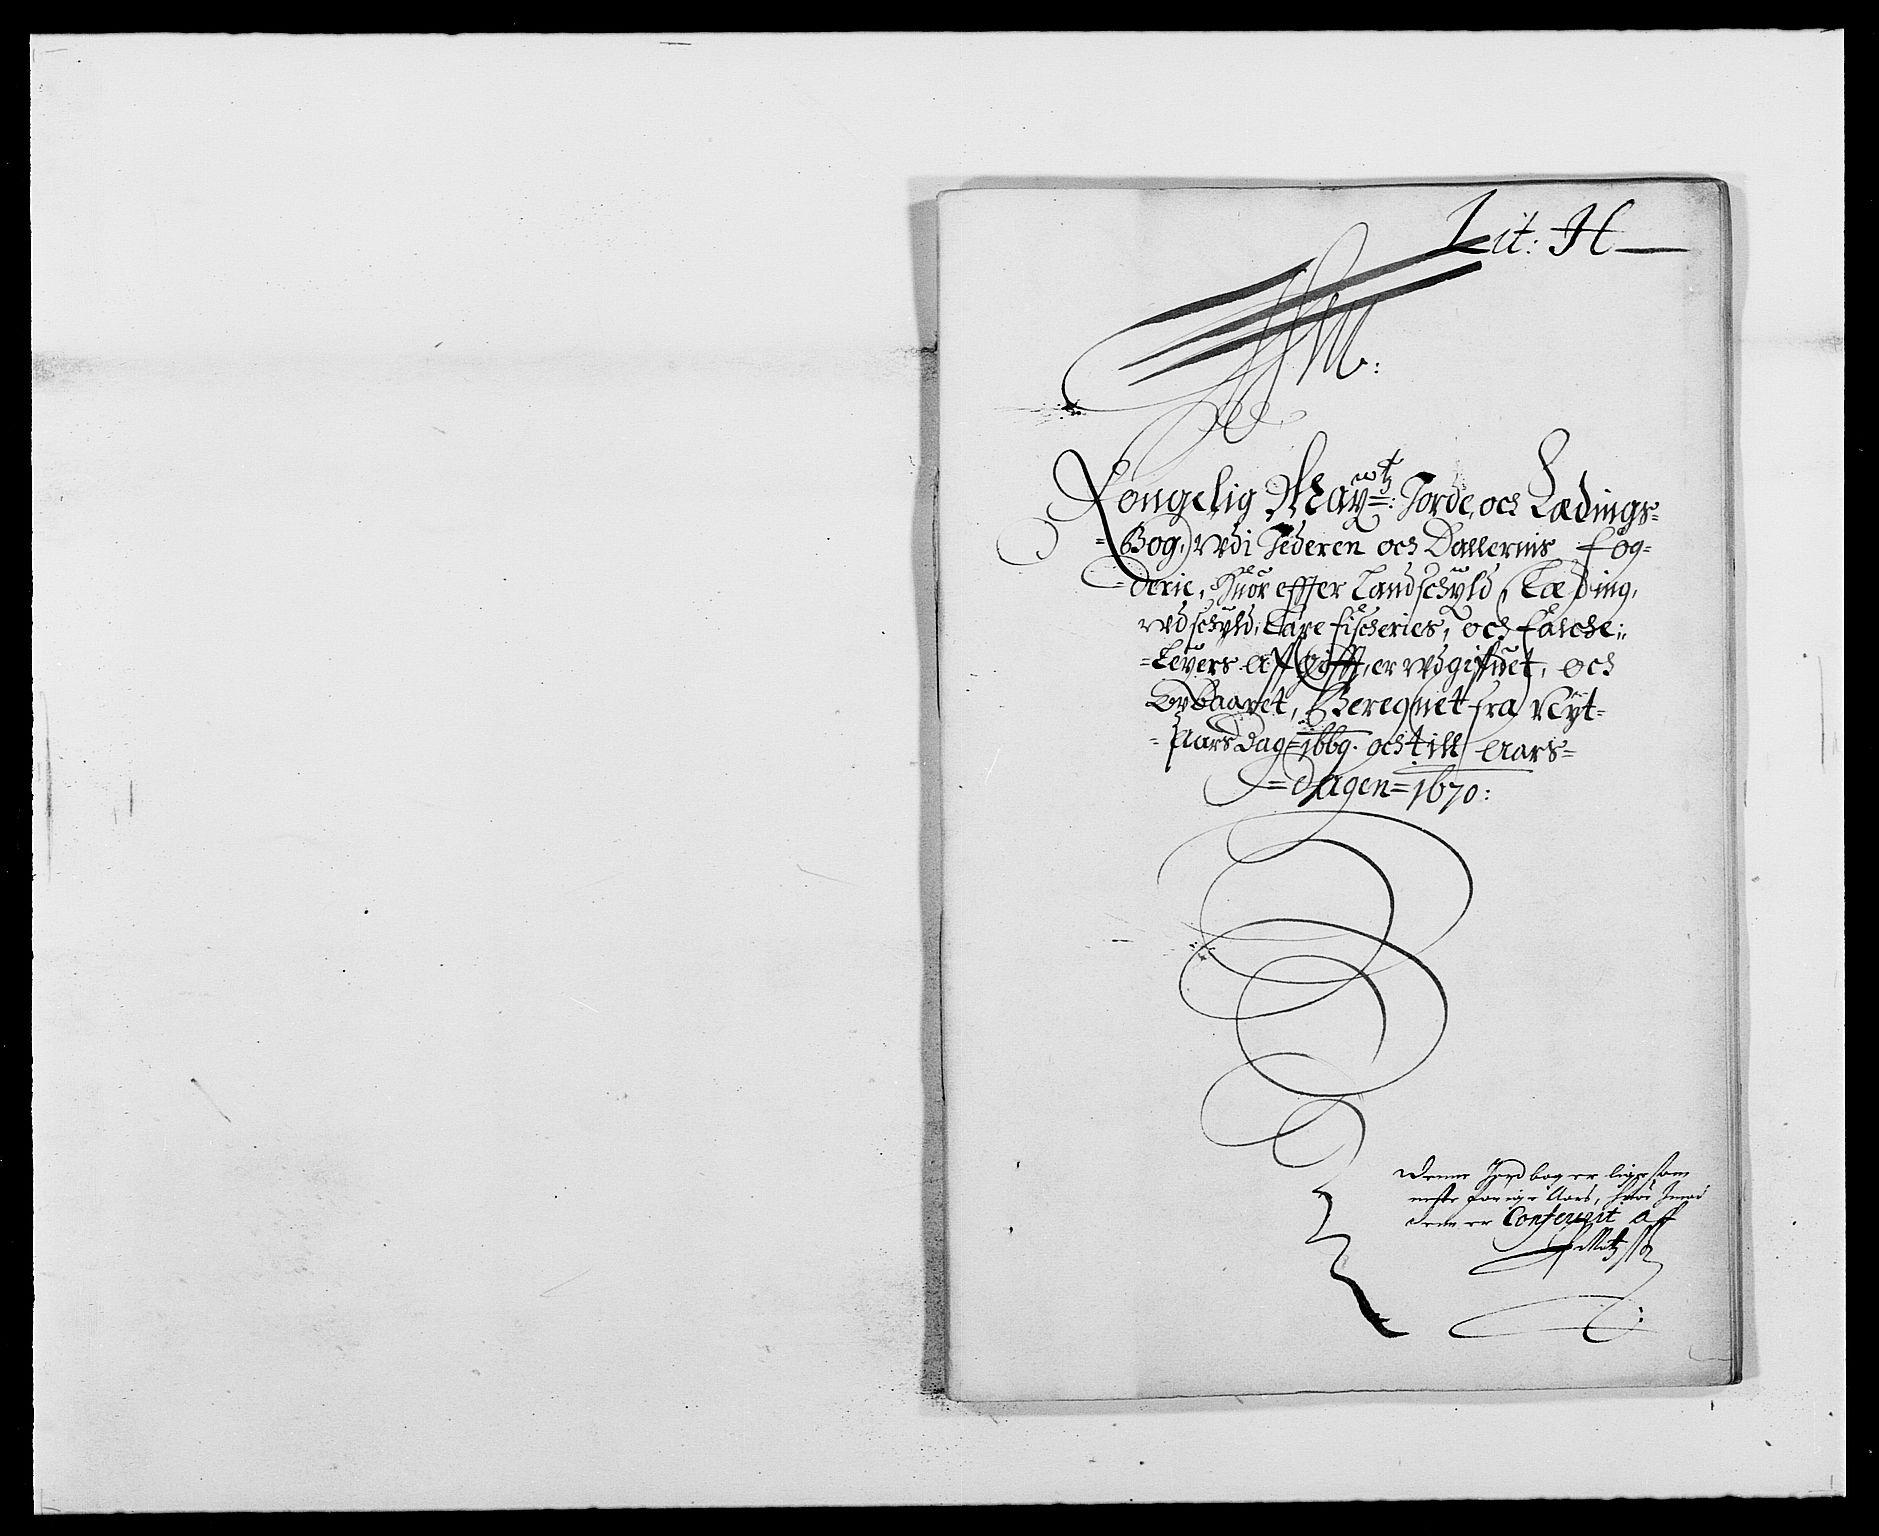 RA, Rentekammeret inntil 1814, Reviderte regnskaper, Fogderegnskap, R46/L2711: Fogderegnskap Jæren og Dalane, 1668-1670, s. 181